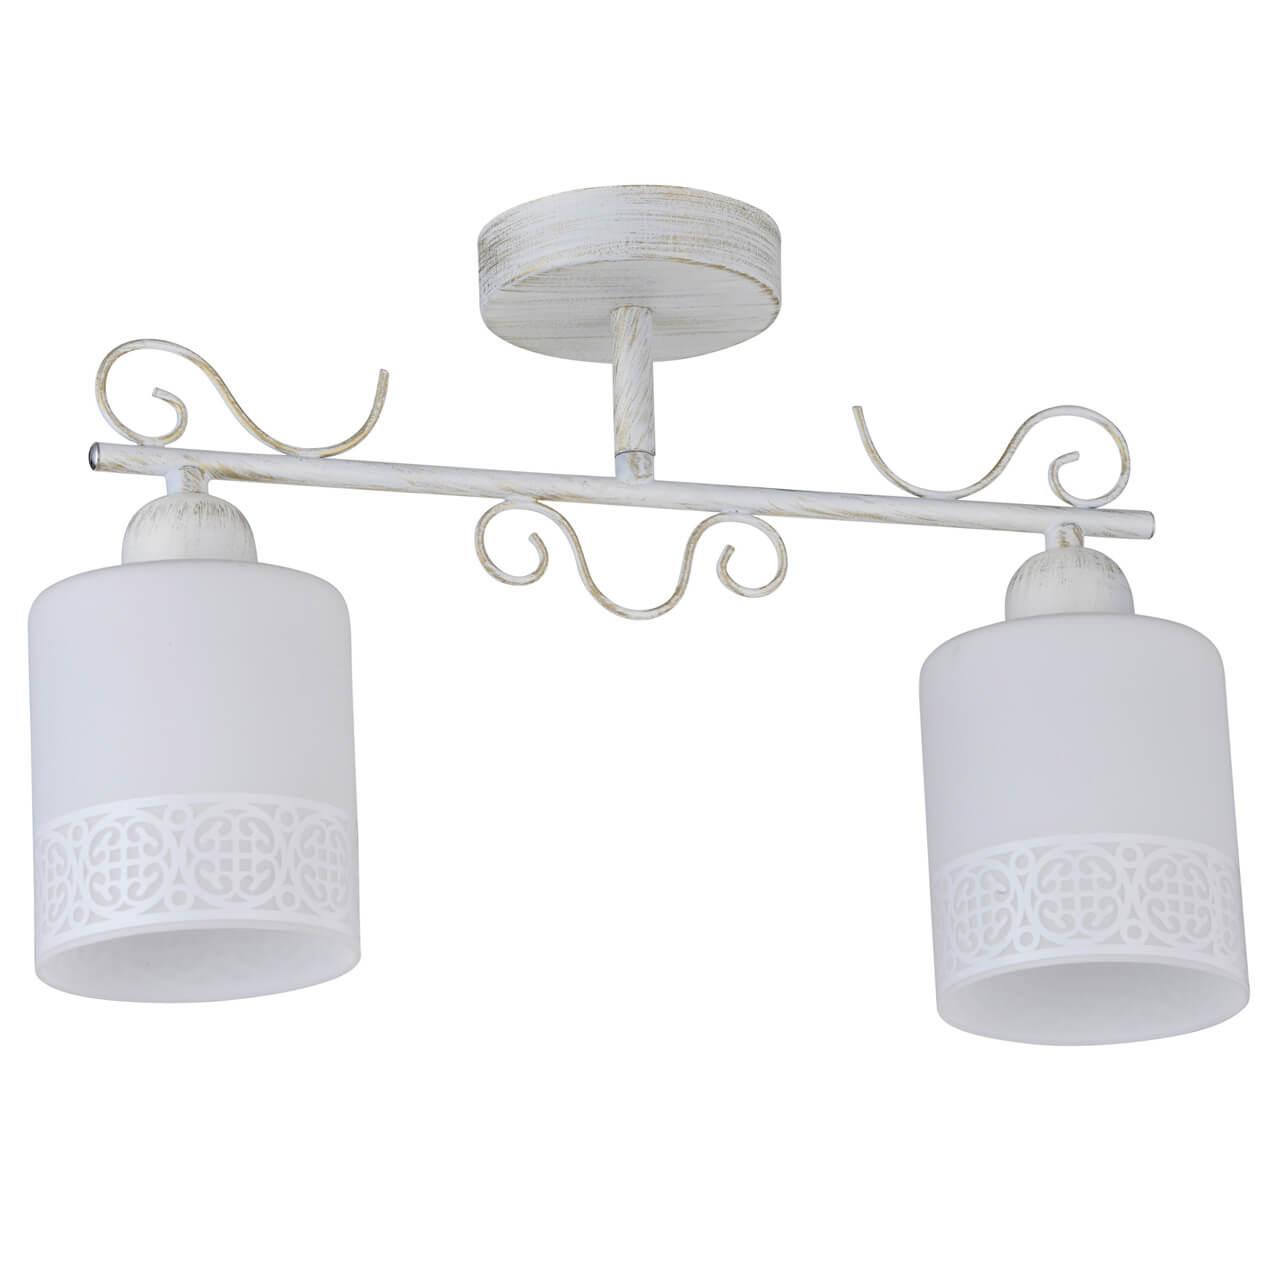 Потолочный светильник IDLamp Ileria 848/2PF-Whitepatina потолочный светильник idlamp 299 4pf whitepatina белый